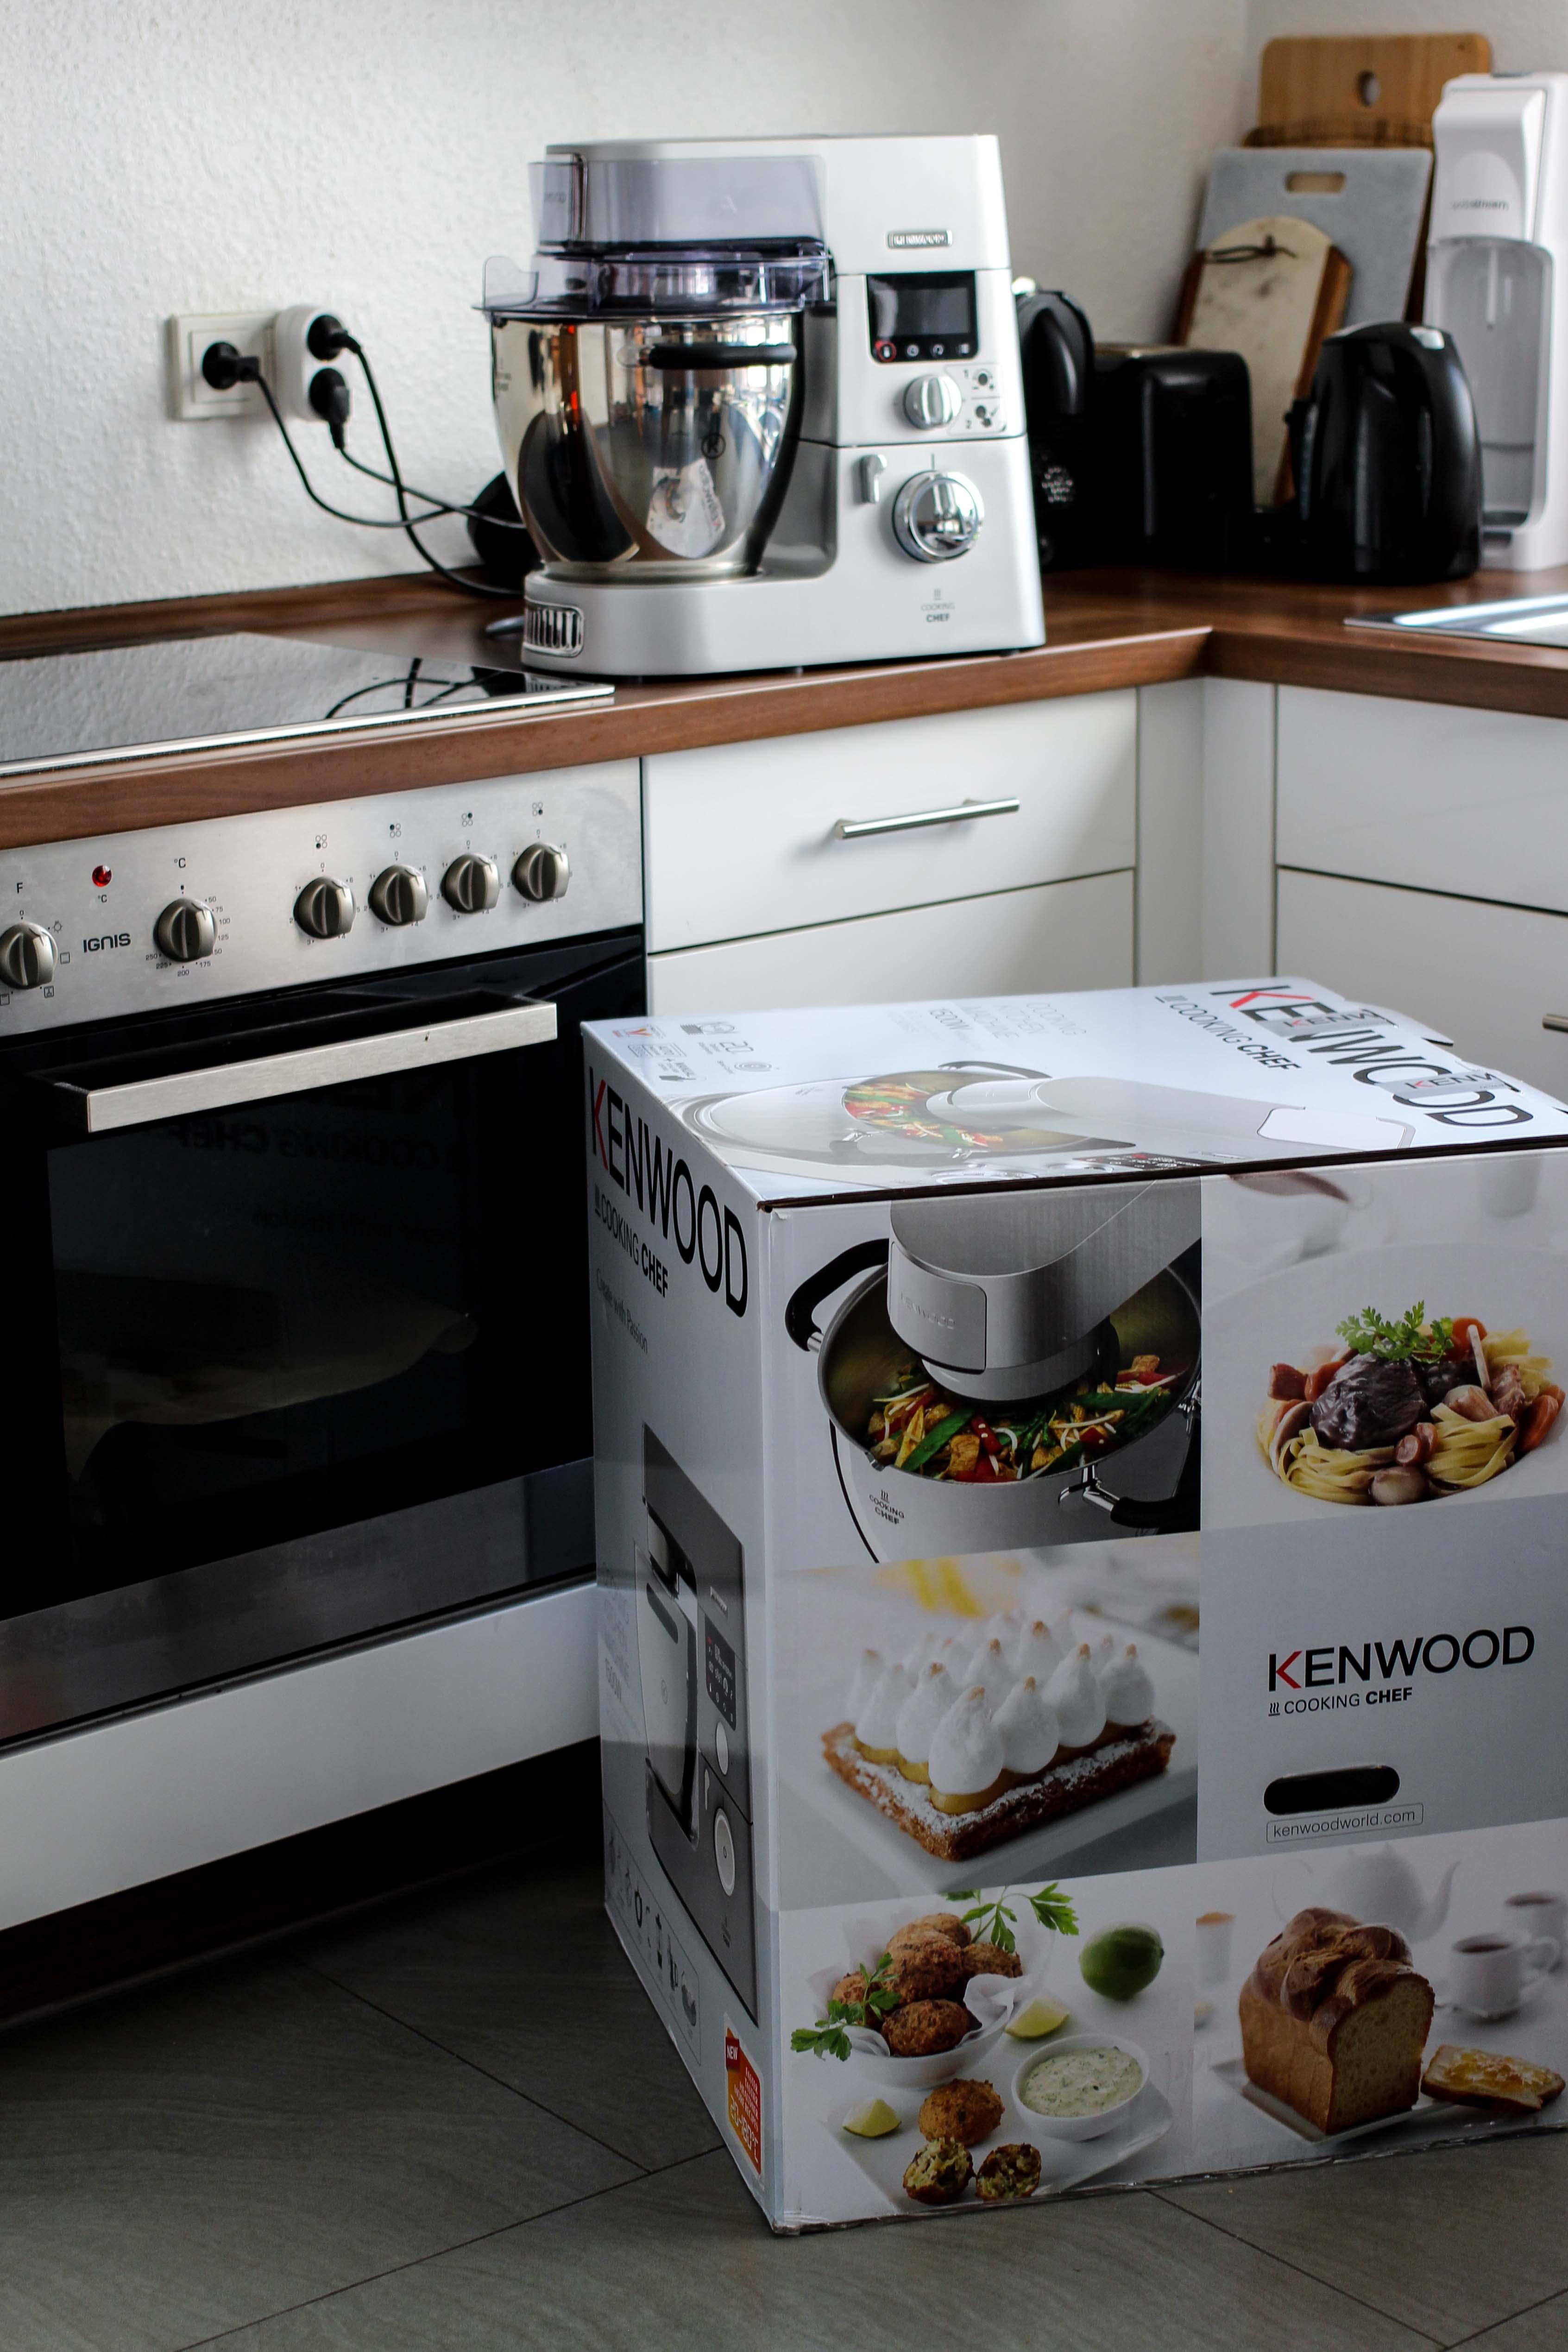 Amazon Kenwood Cooking Chef Gourmet KCC9060S Küchenmaschine Erfahrungsbericht Set Zubehör Test 2018